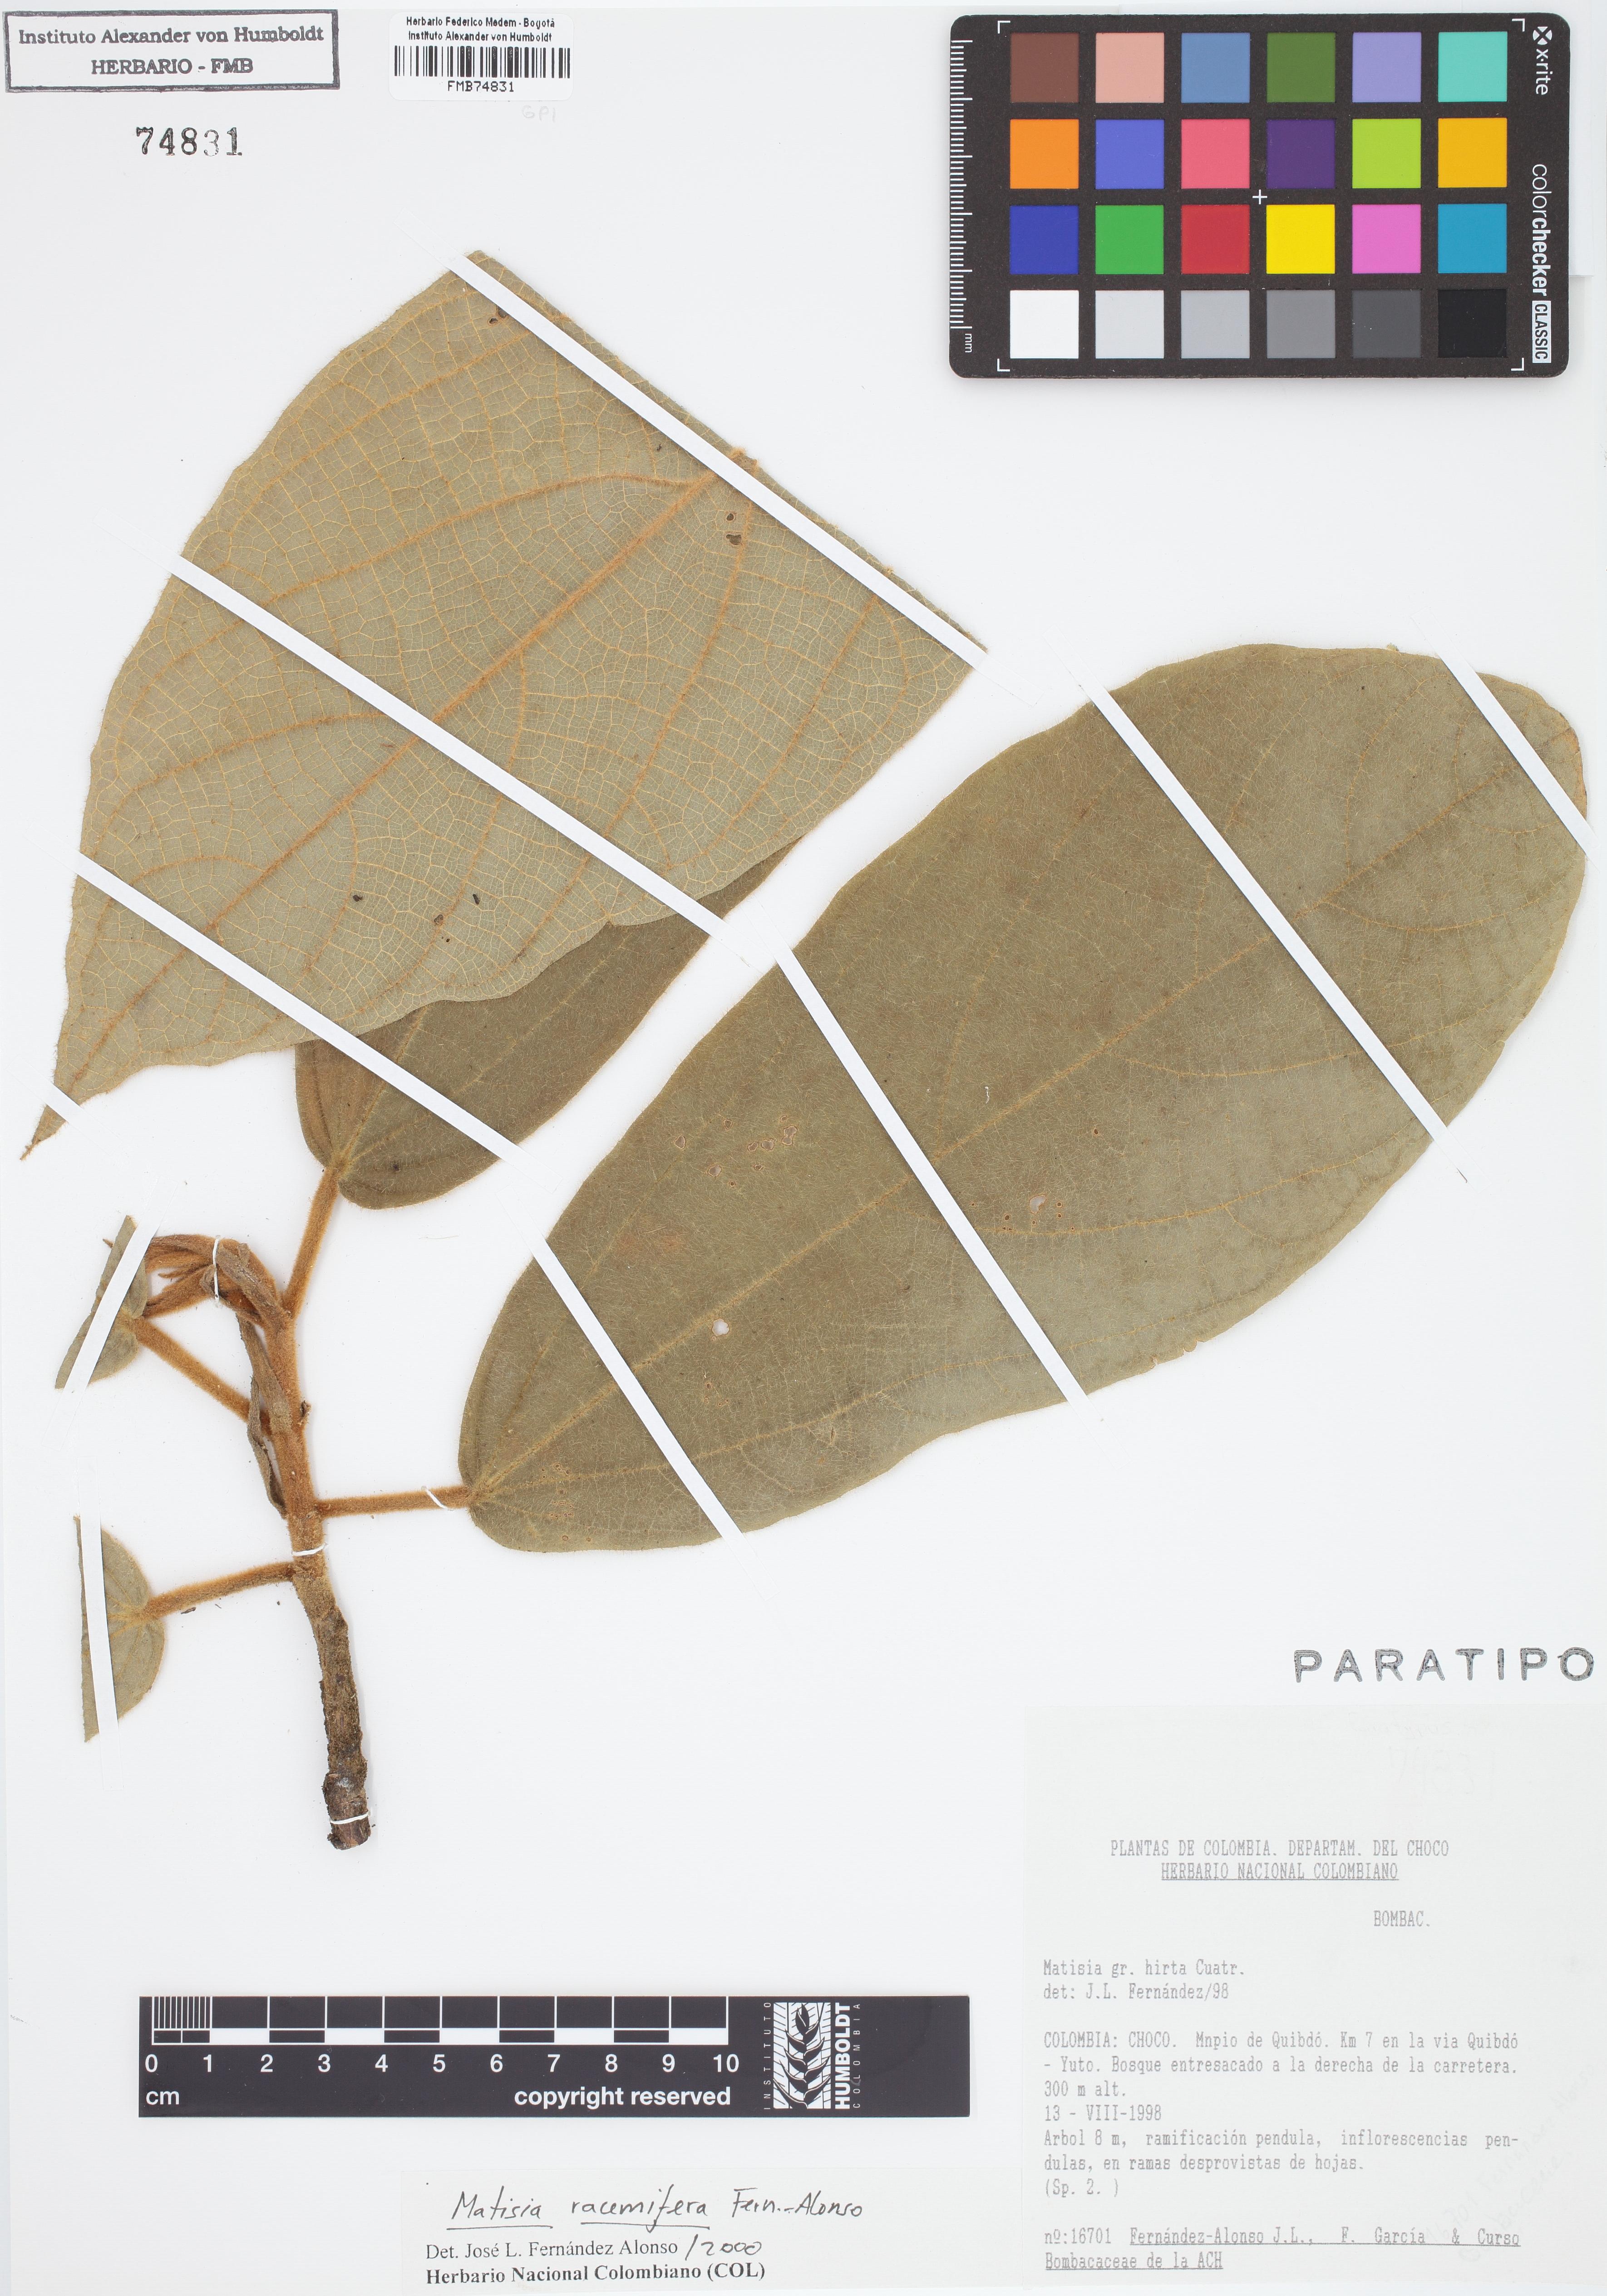 Paratipo de <em>Matisia racemifera</em>, FMB-74831, Fotografía por Robles A.